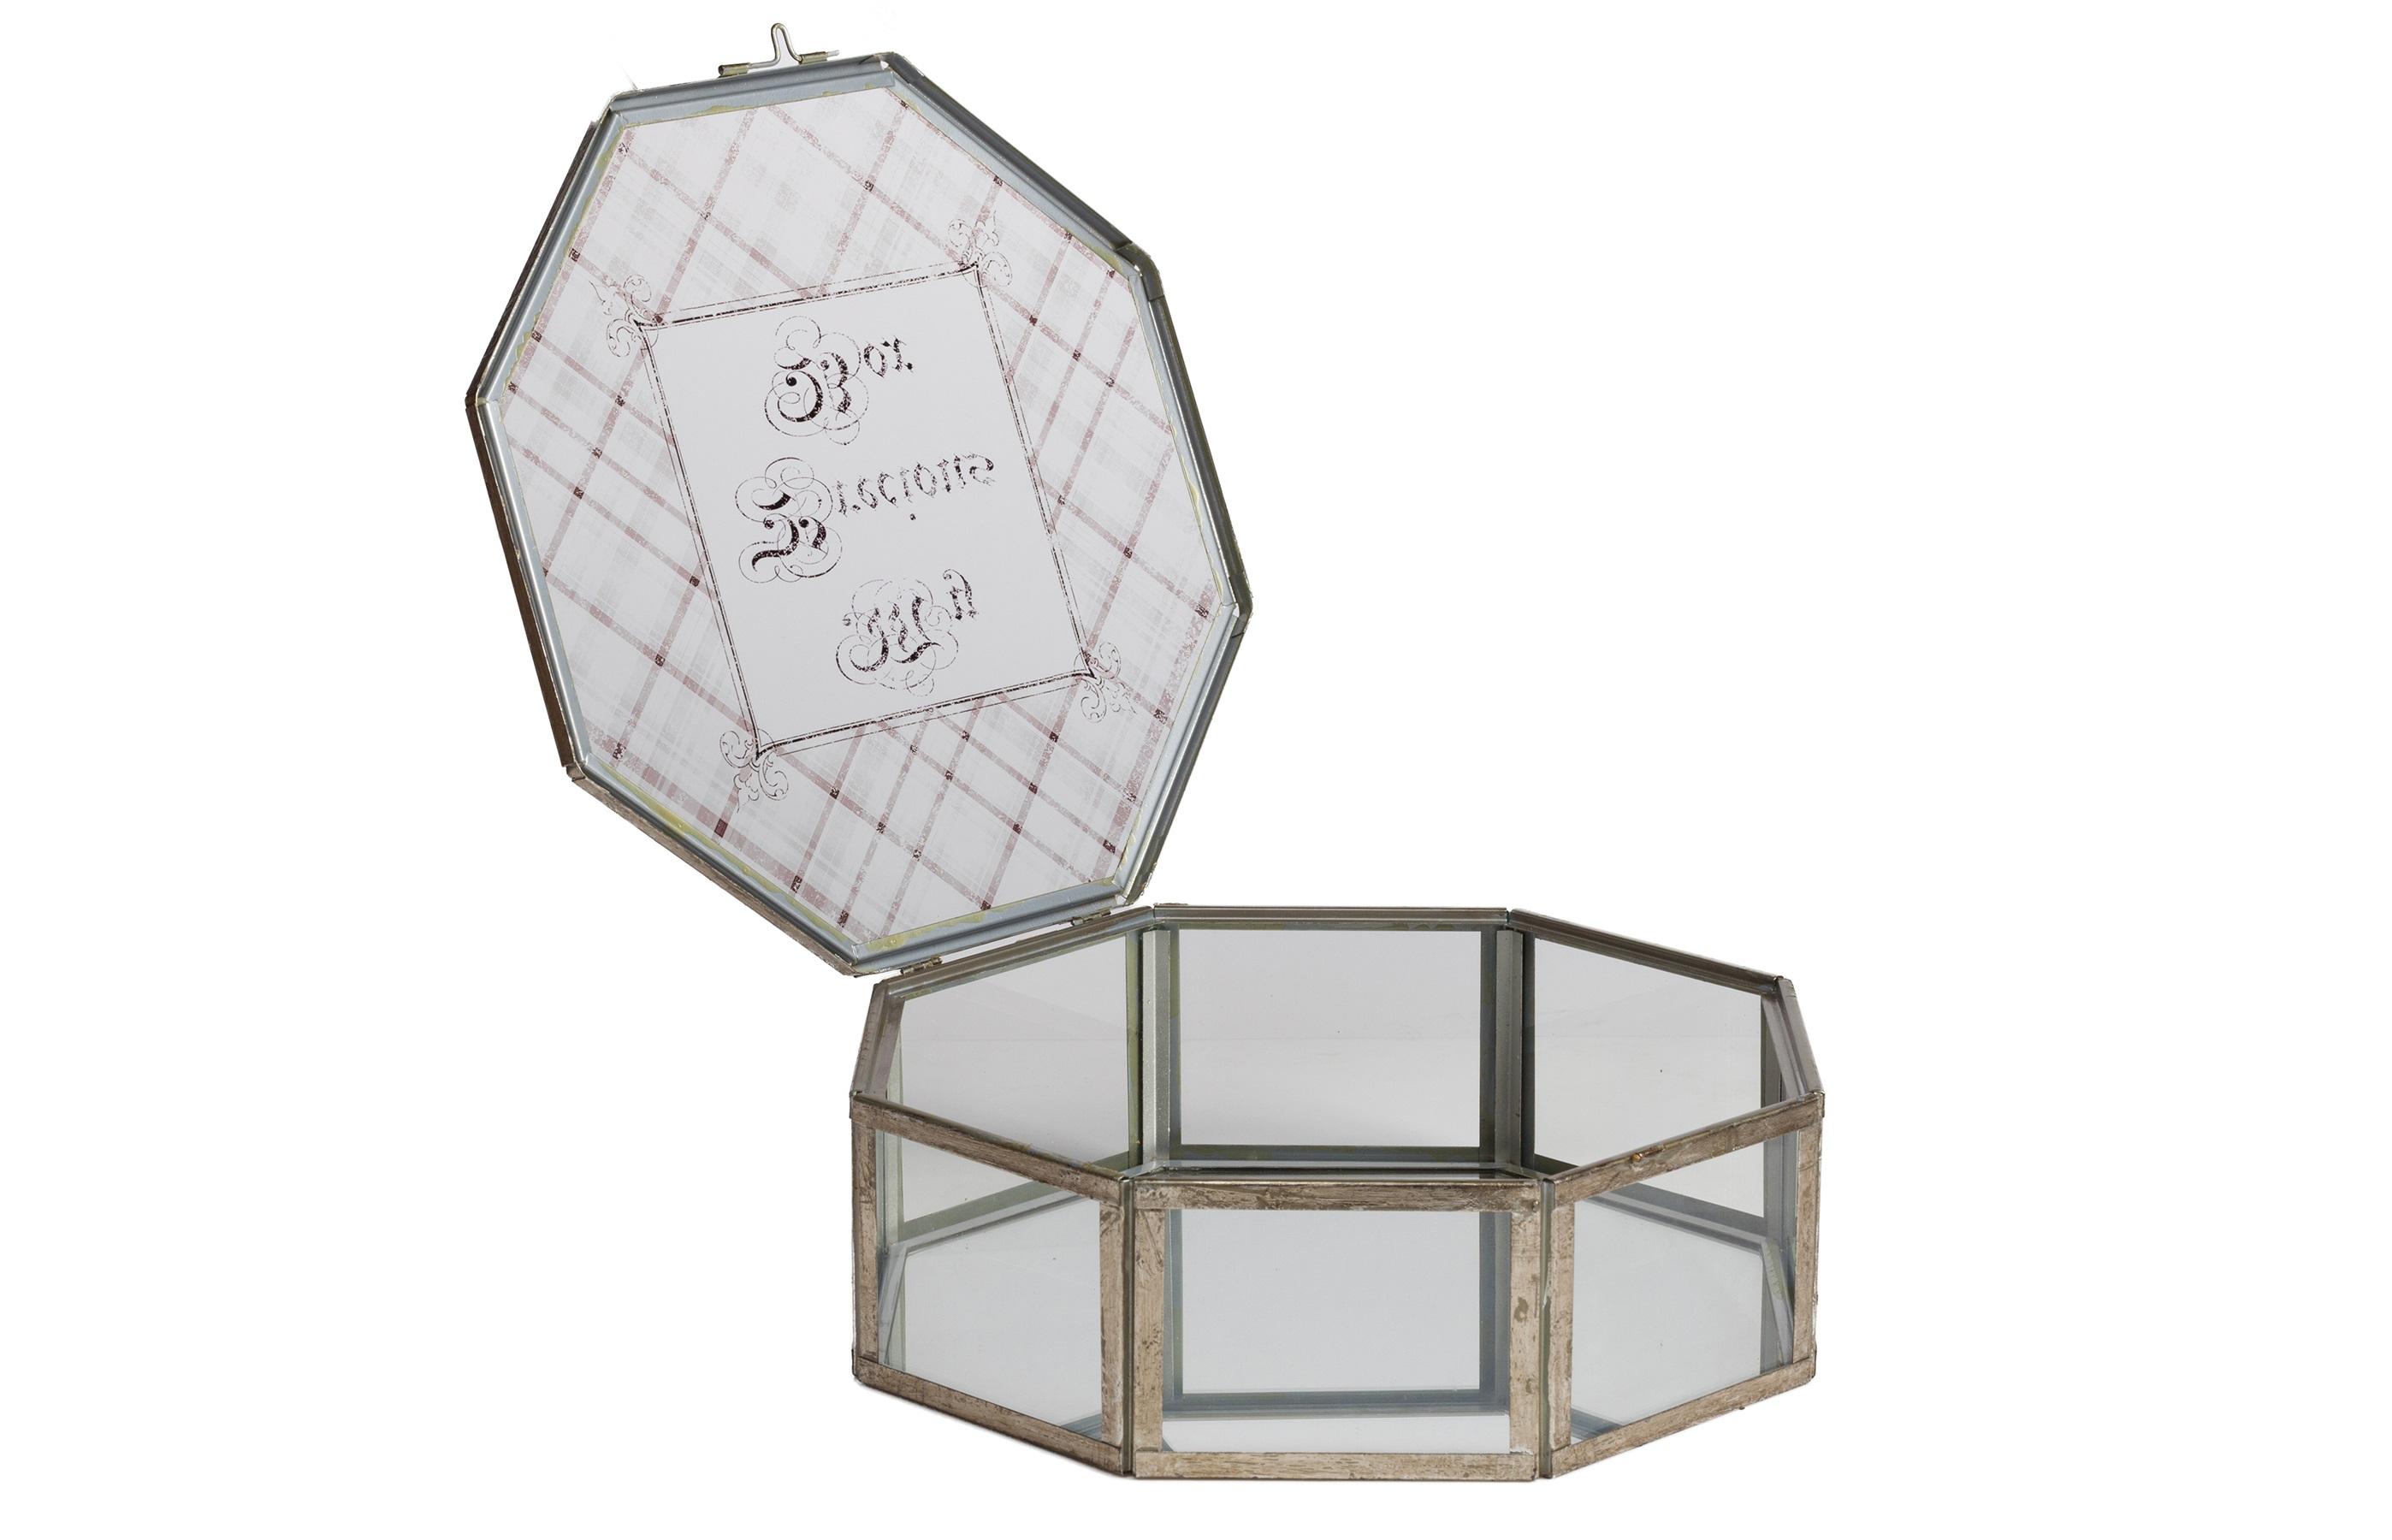 Коробка для ювелирных украшений ArielКоробки<br>&amp;lt;div&amp;gt;Материал: Стекло, Металл&amp;lt;/div&amp;gt;&amp;lt;div&amp;gt;&amp;lt;br&amp;gt;&amp;lt;/div&amp;gt;<br><br>Material: Металл<br>Length см: None<br>Width см: 28<br>Depth см: 28<br>Height см: 10